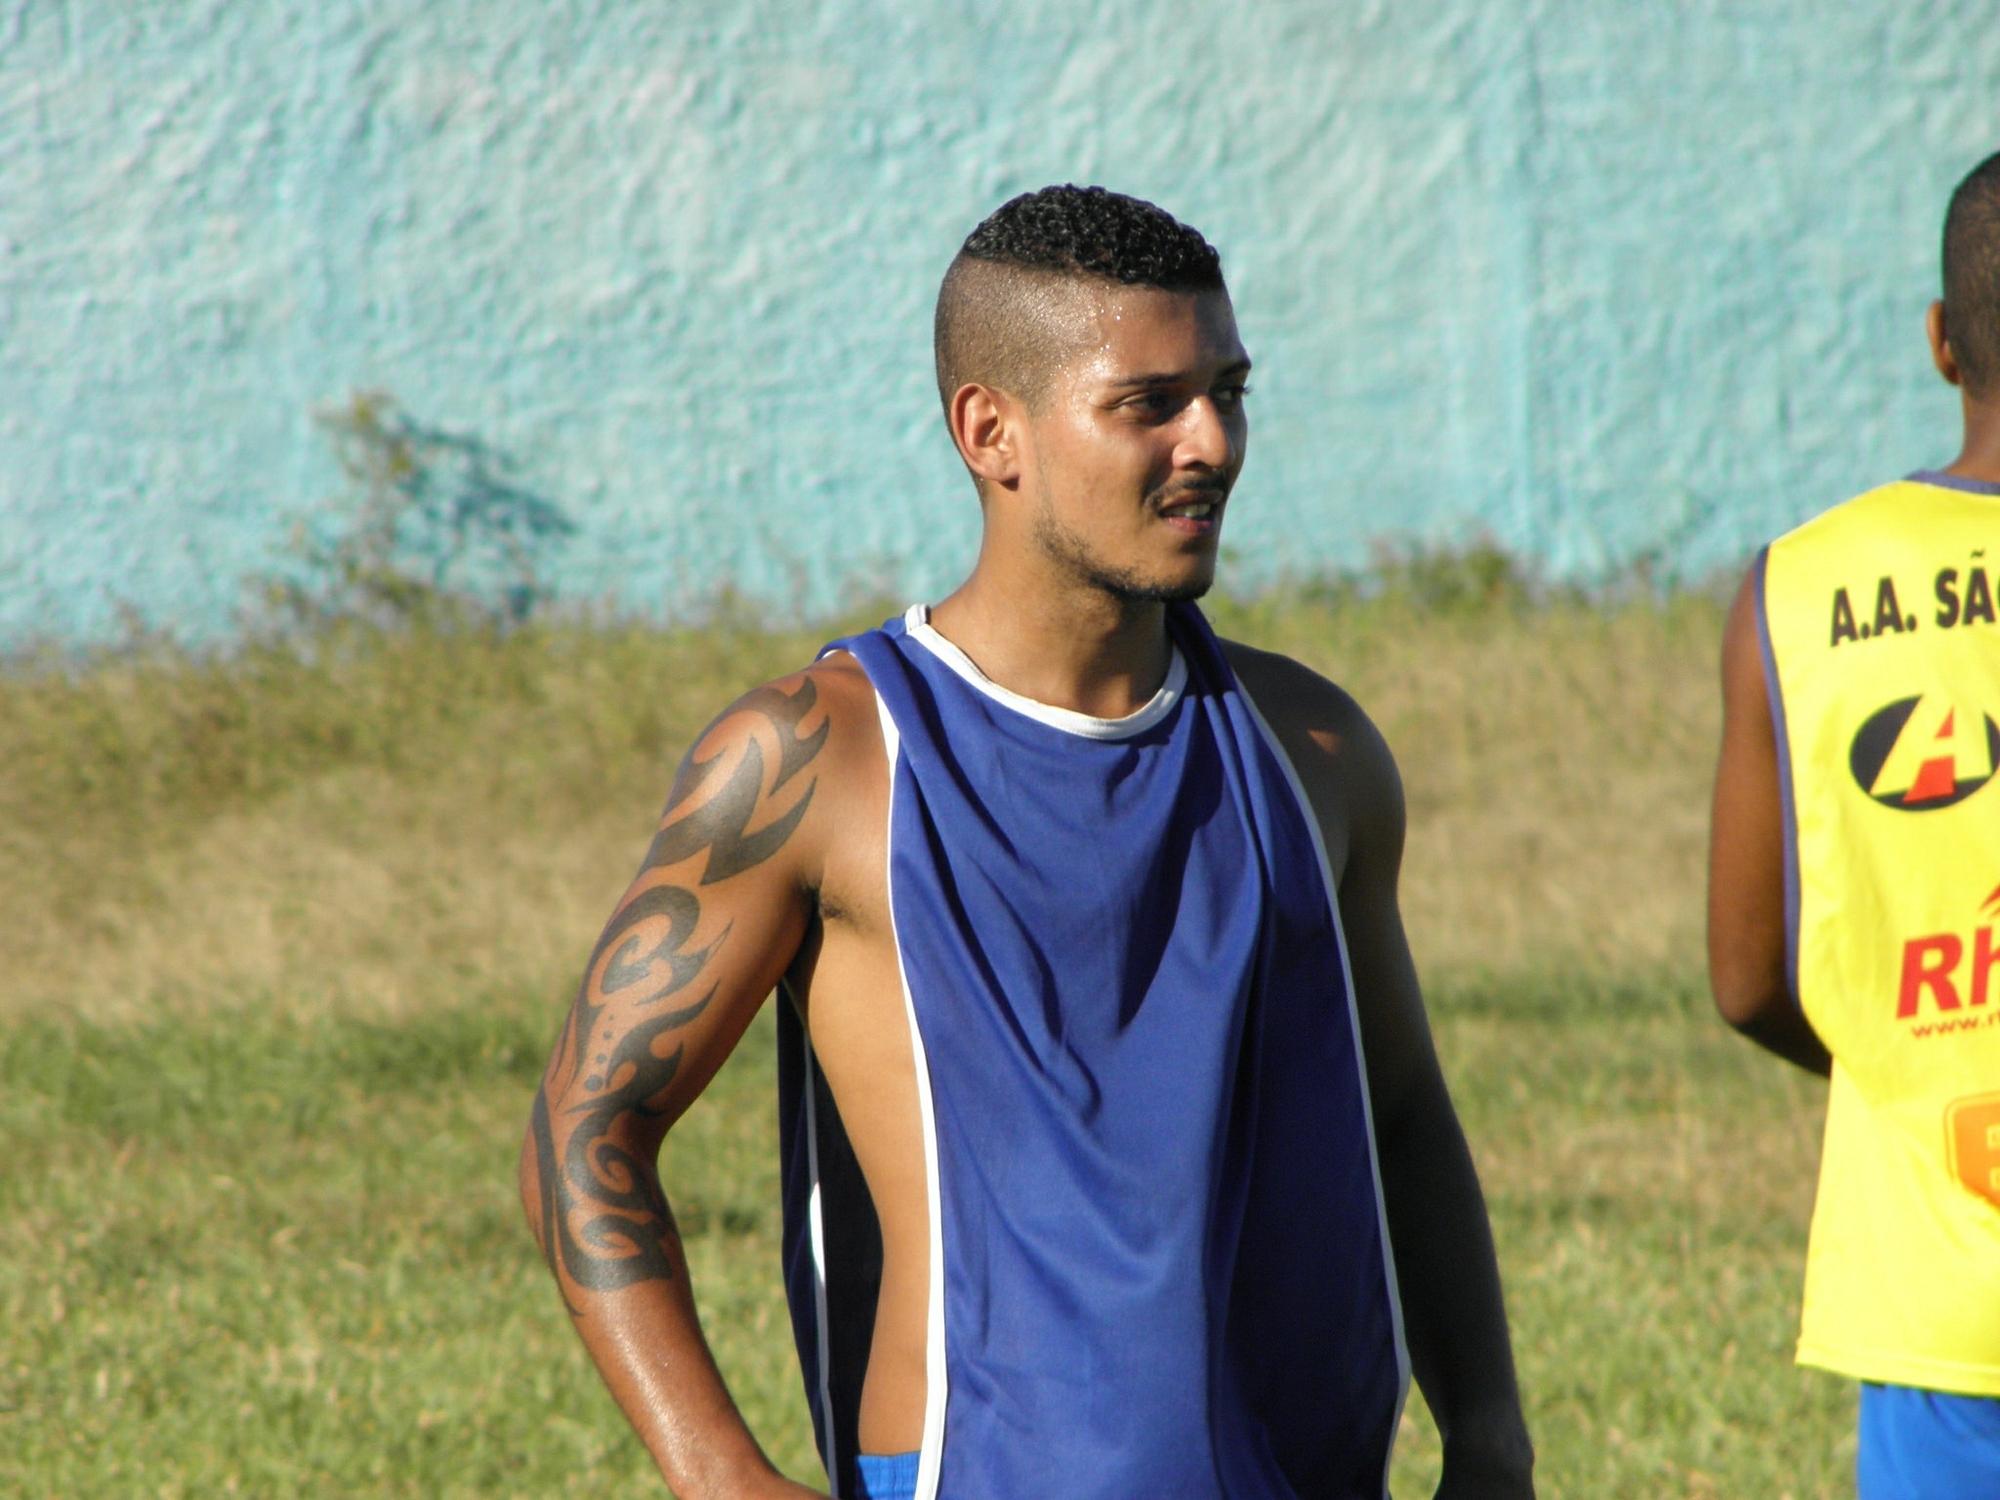 Formado na base do Santos, Anderson Planta tenta reaparecer no ... - Globo.com